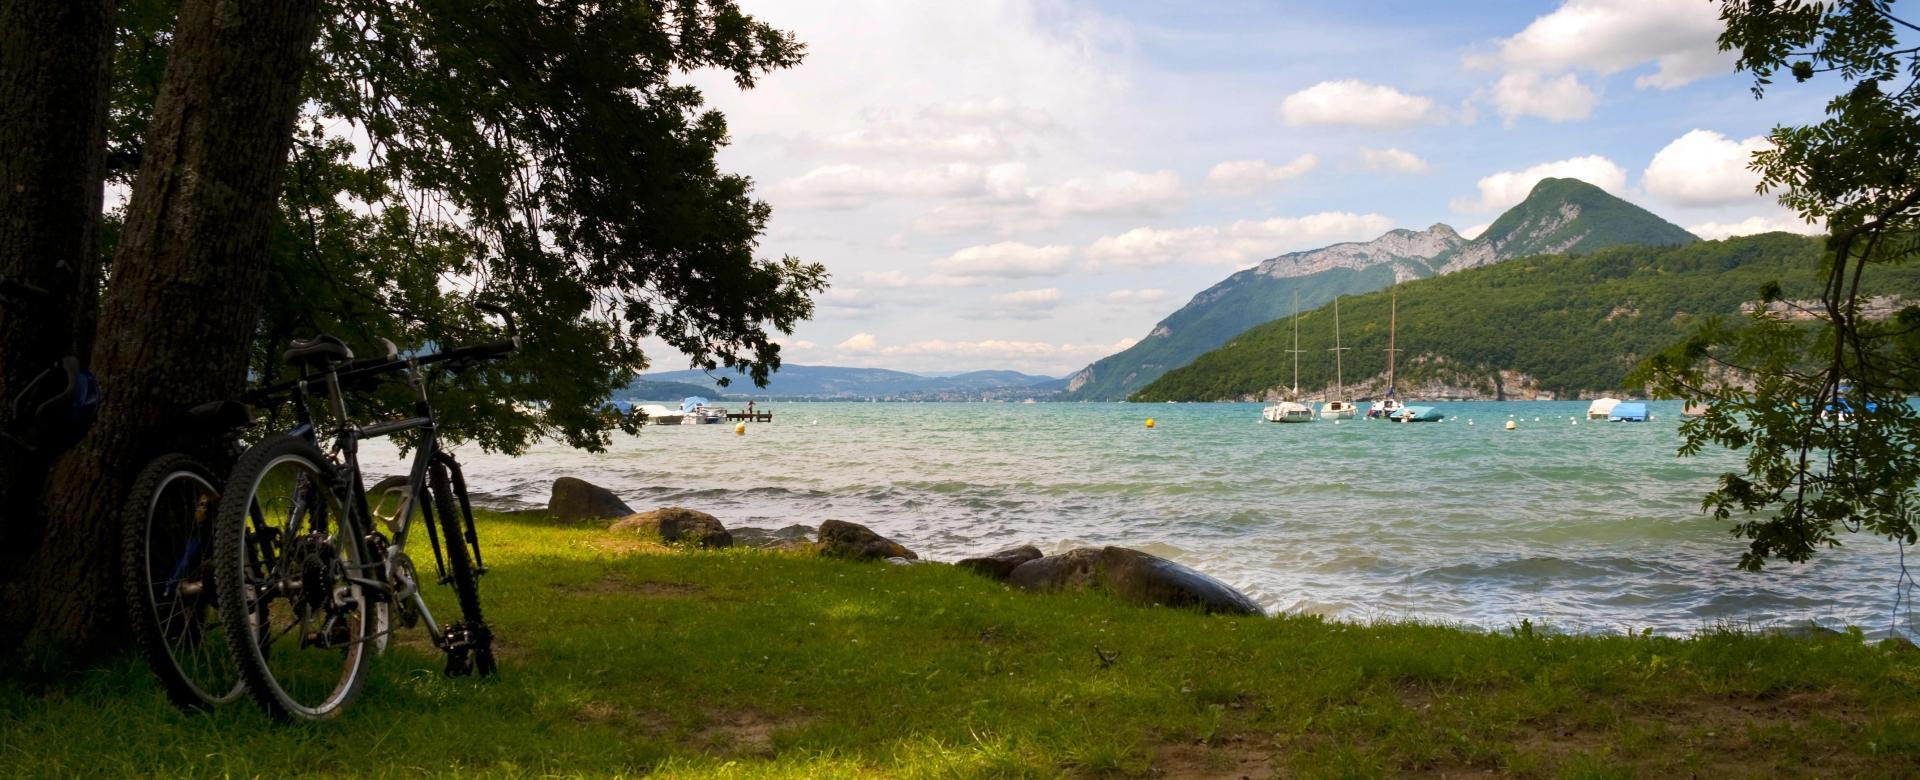 Voyage en véhicule : Le lac d\'annecy et le massif des bauges à vélo